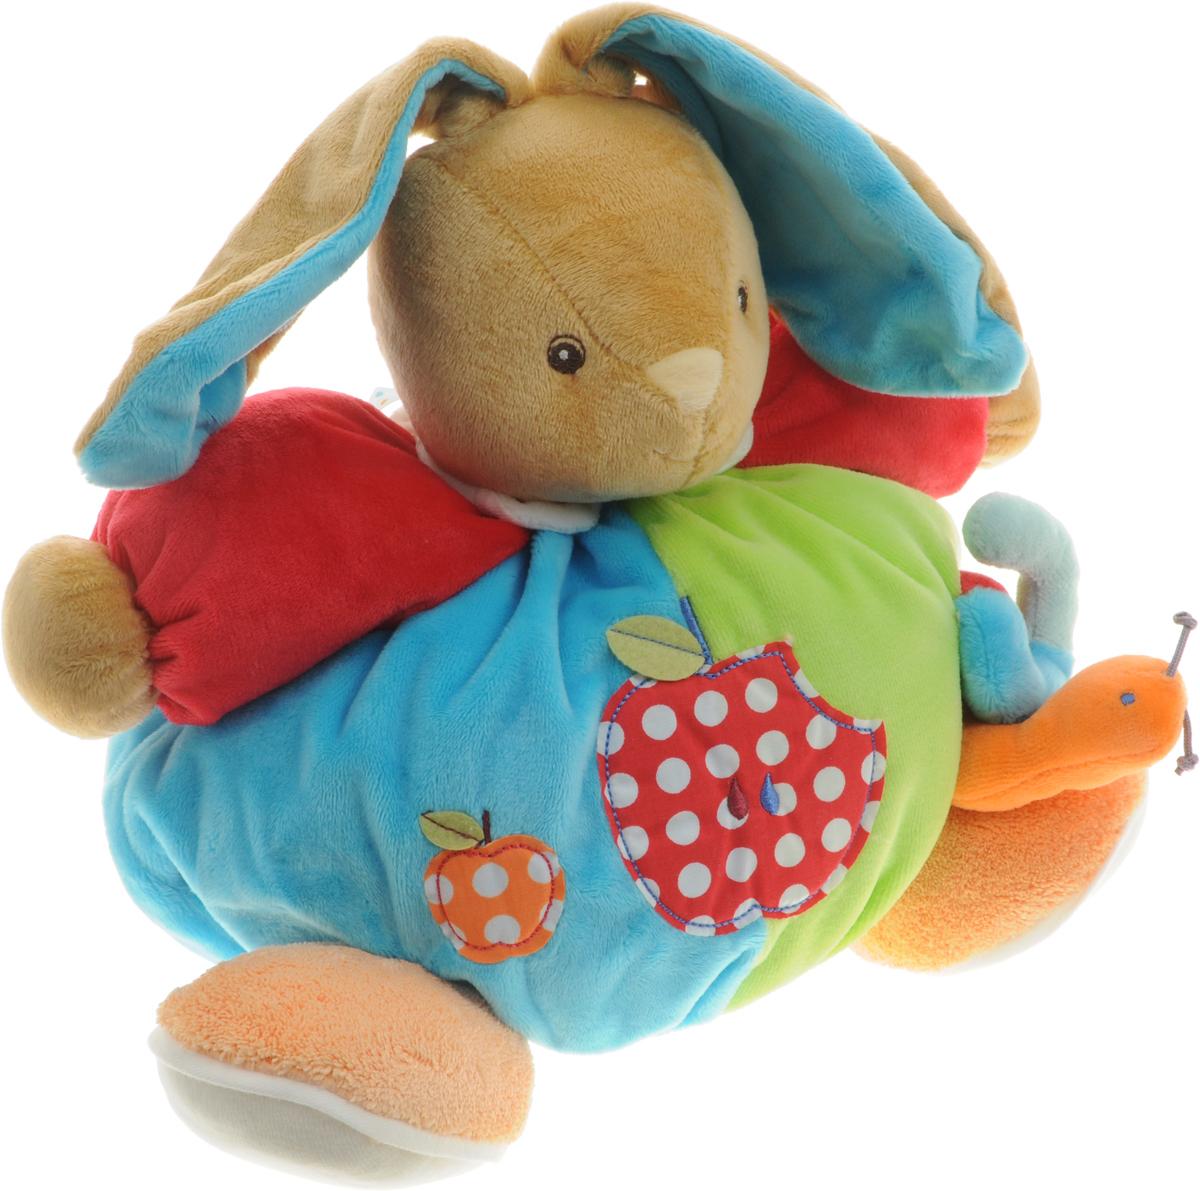 Kaloo Мягкая игрушка Заяц Яблоки 23 см kaloo мягкая игрушка заяц большой песочный коллекция руж kaloo